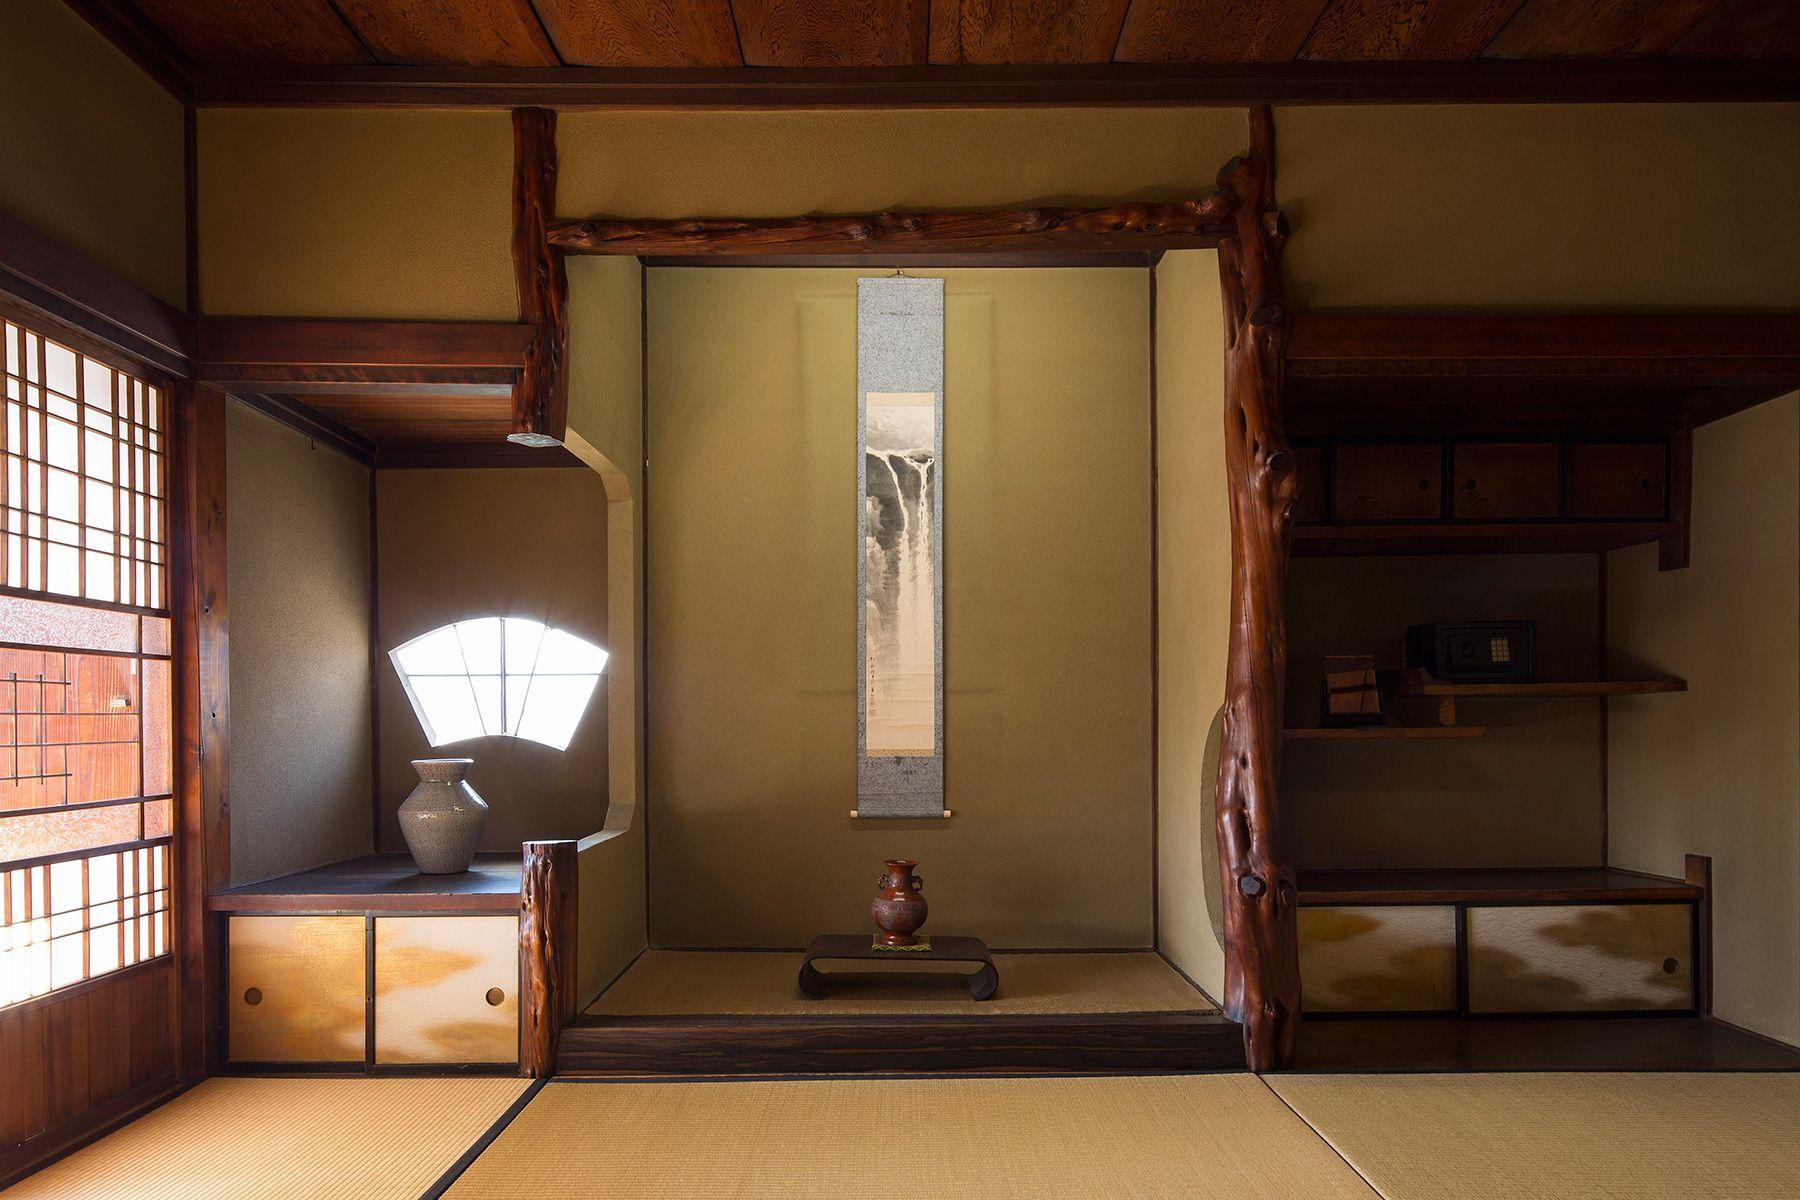 旅館 喜多屋 (キタヤ)2階客室2